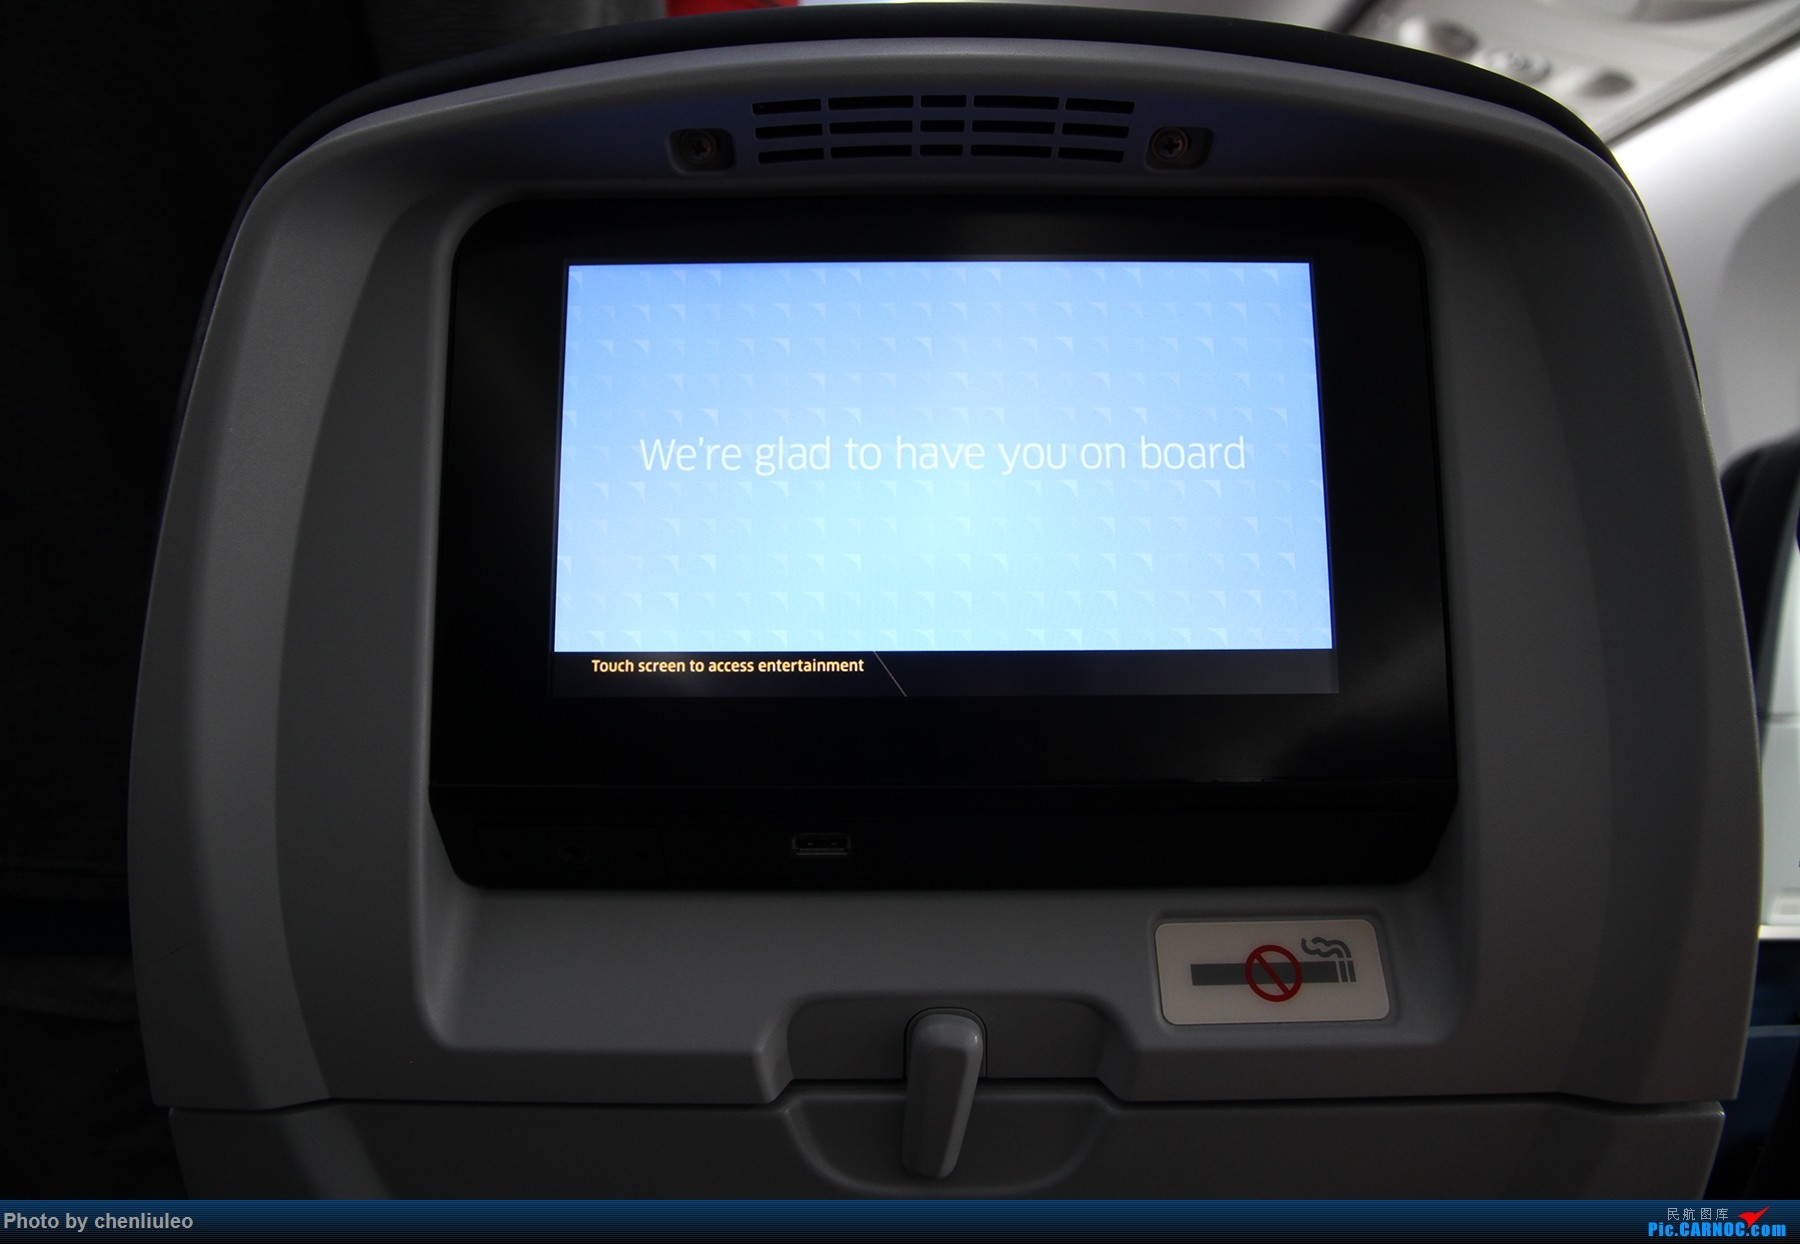 Re:[原创]【杭州飞友会】美国联合航空旧金山直飞杭州初体验 一切都很UA